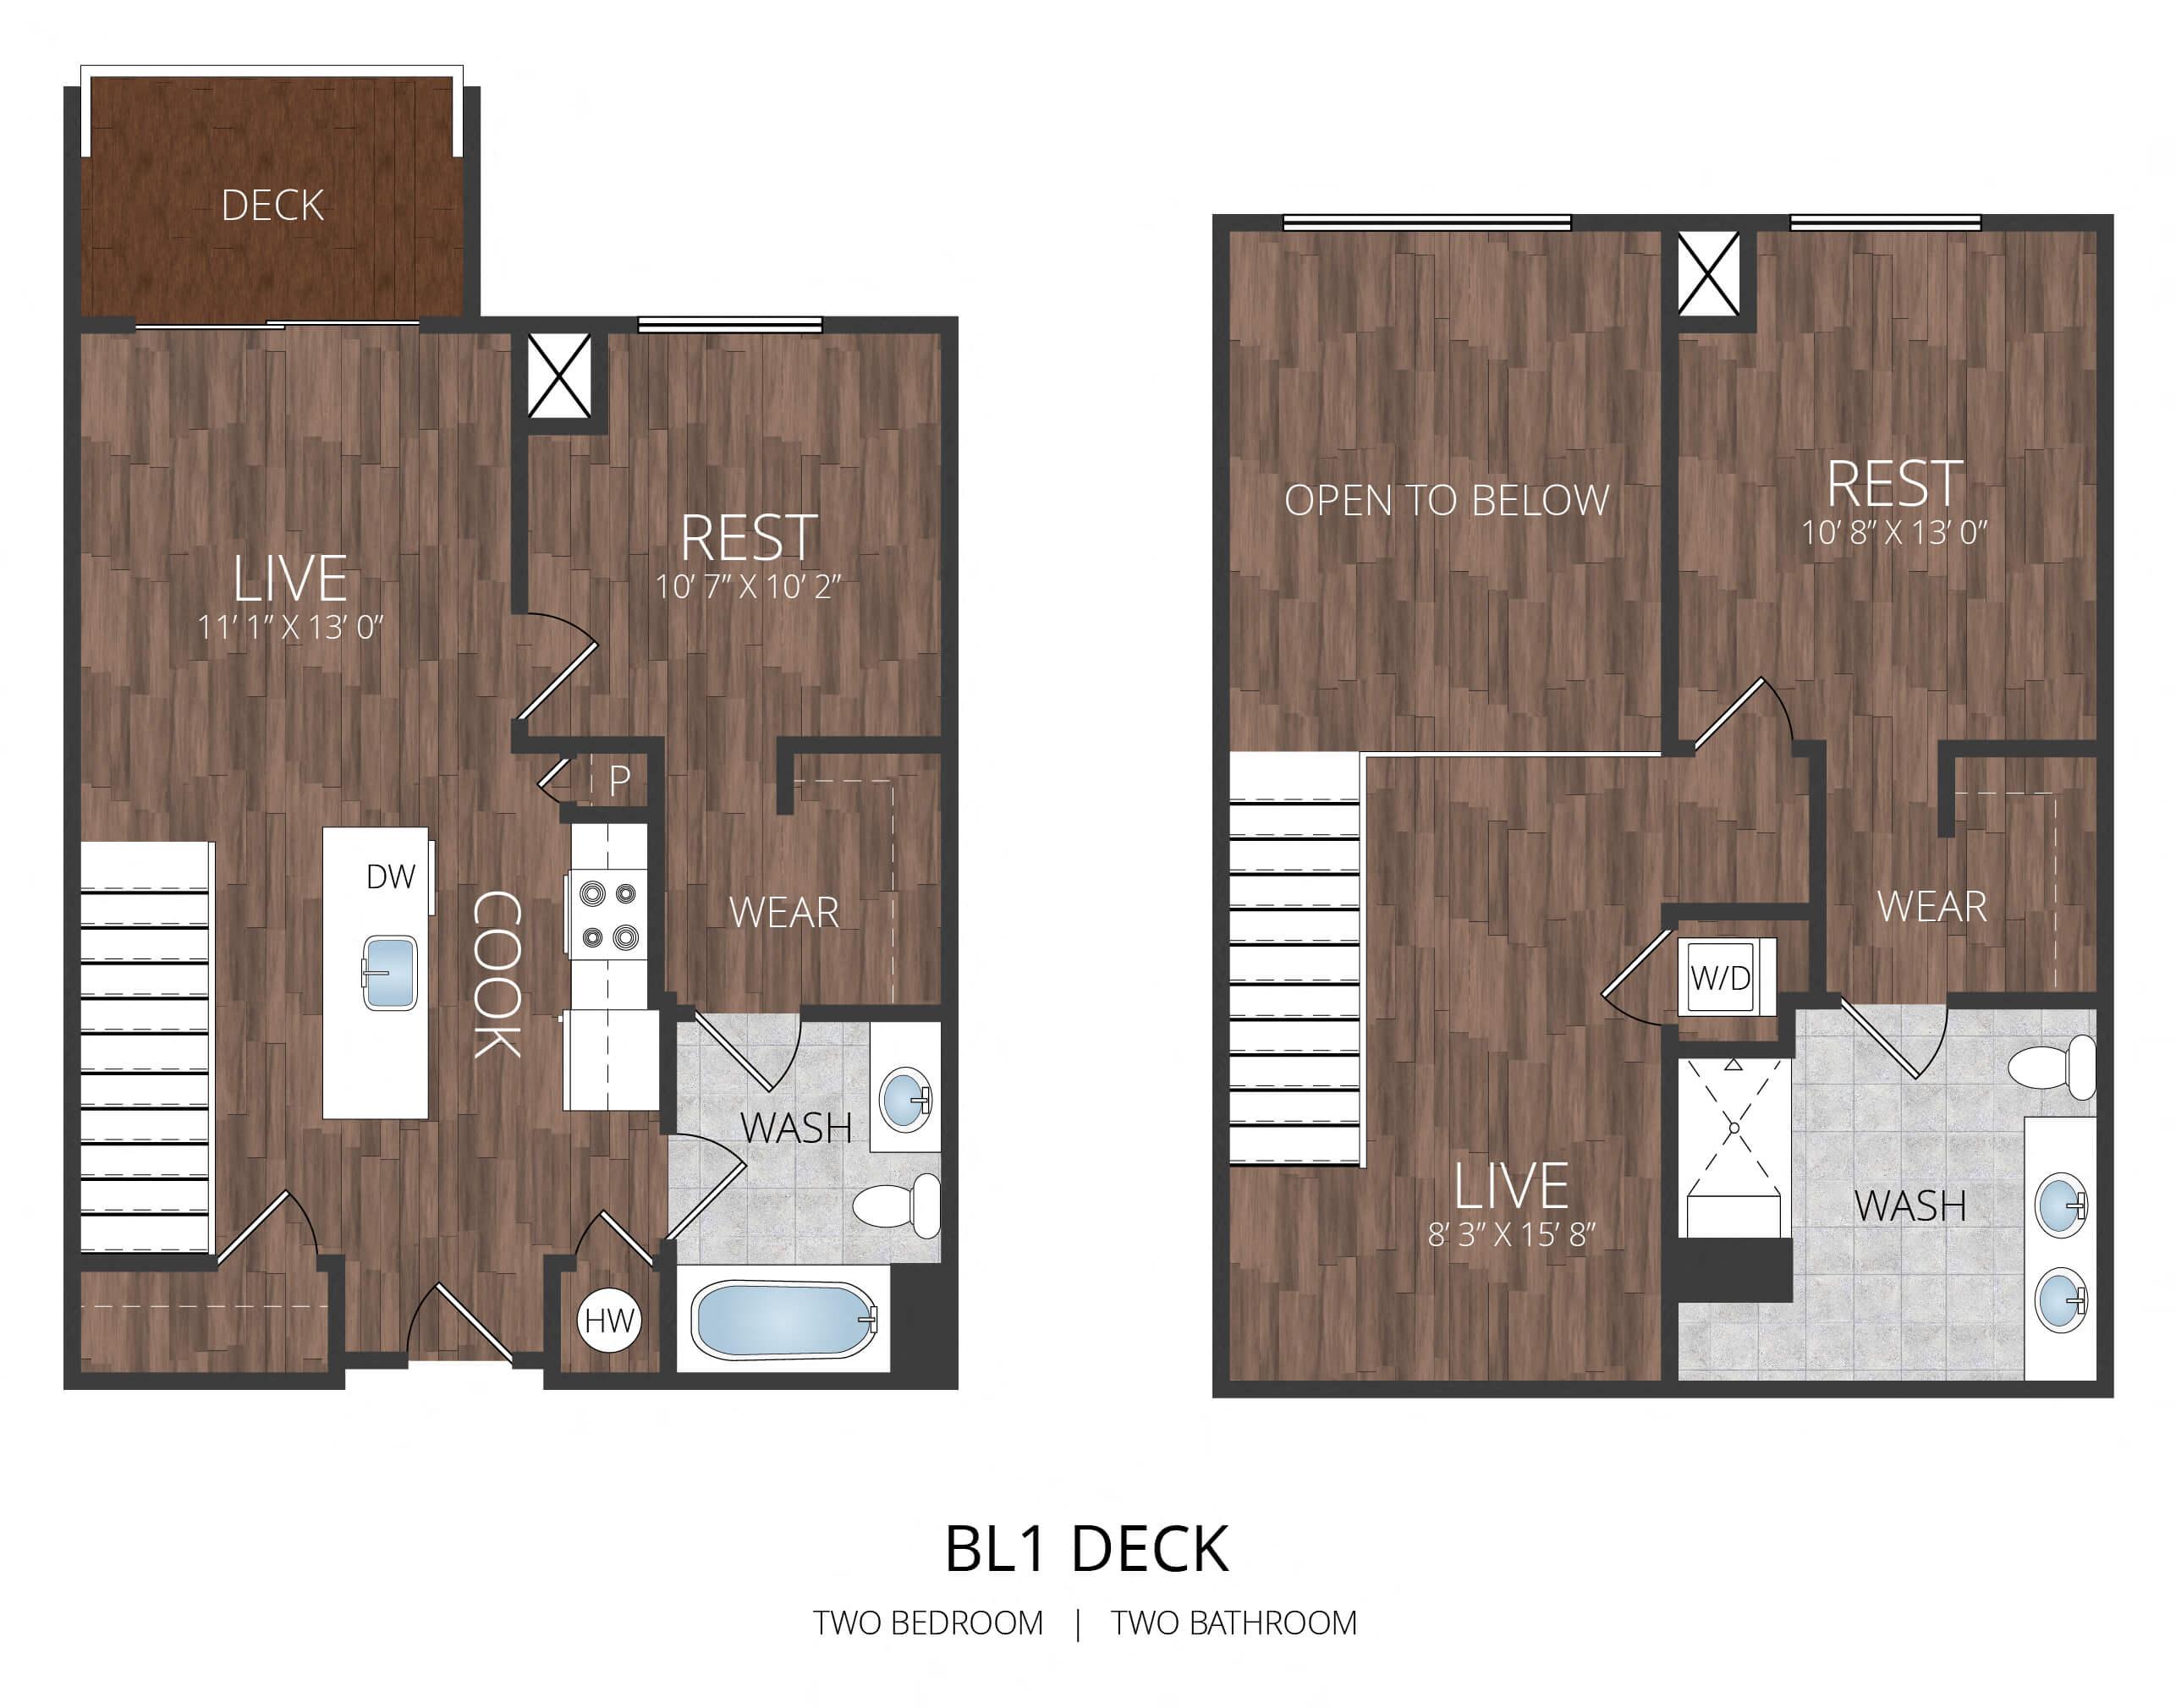 Penthouse BL1 Deck